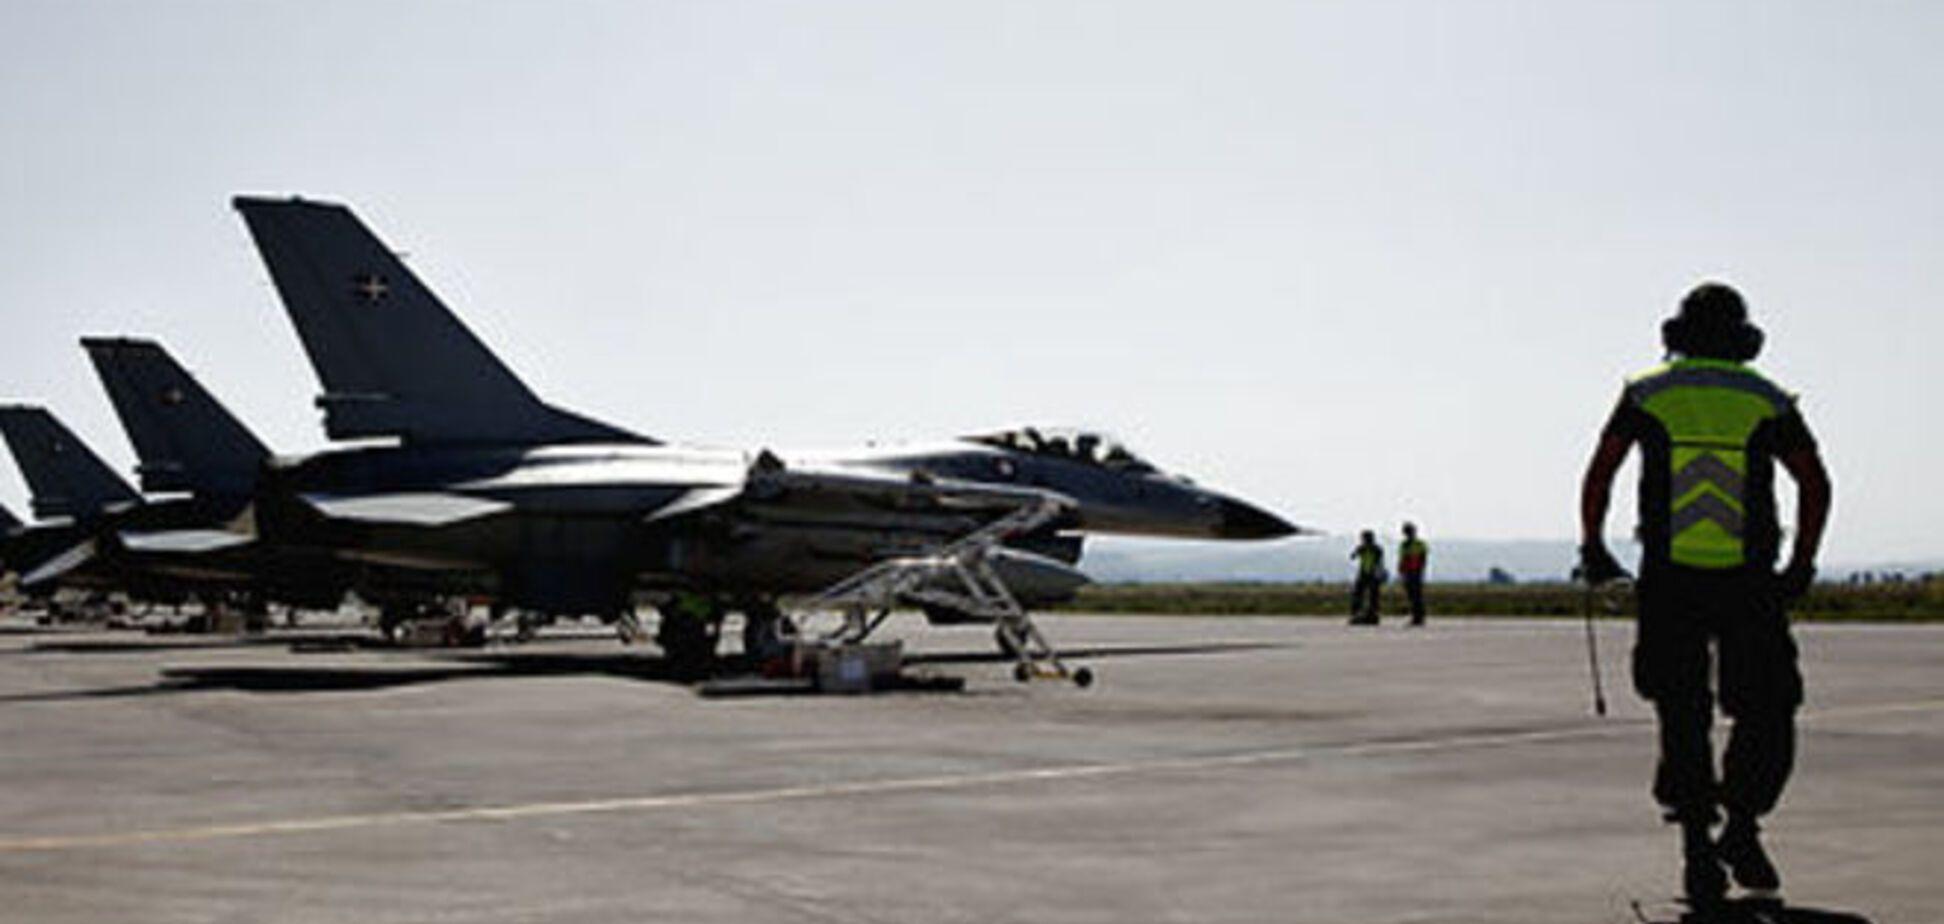 Дания подняла в воздух два истребителя из-за вторжения самолета России в воздушное пространство страны